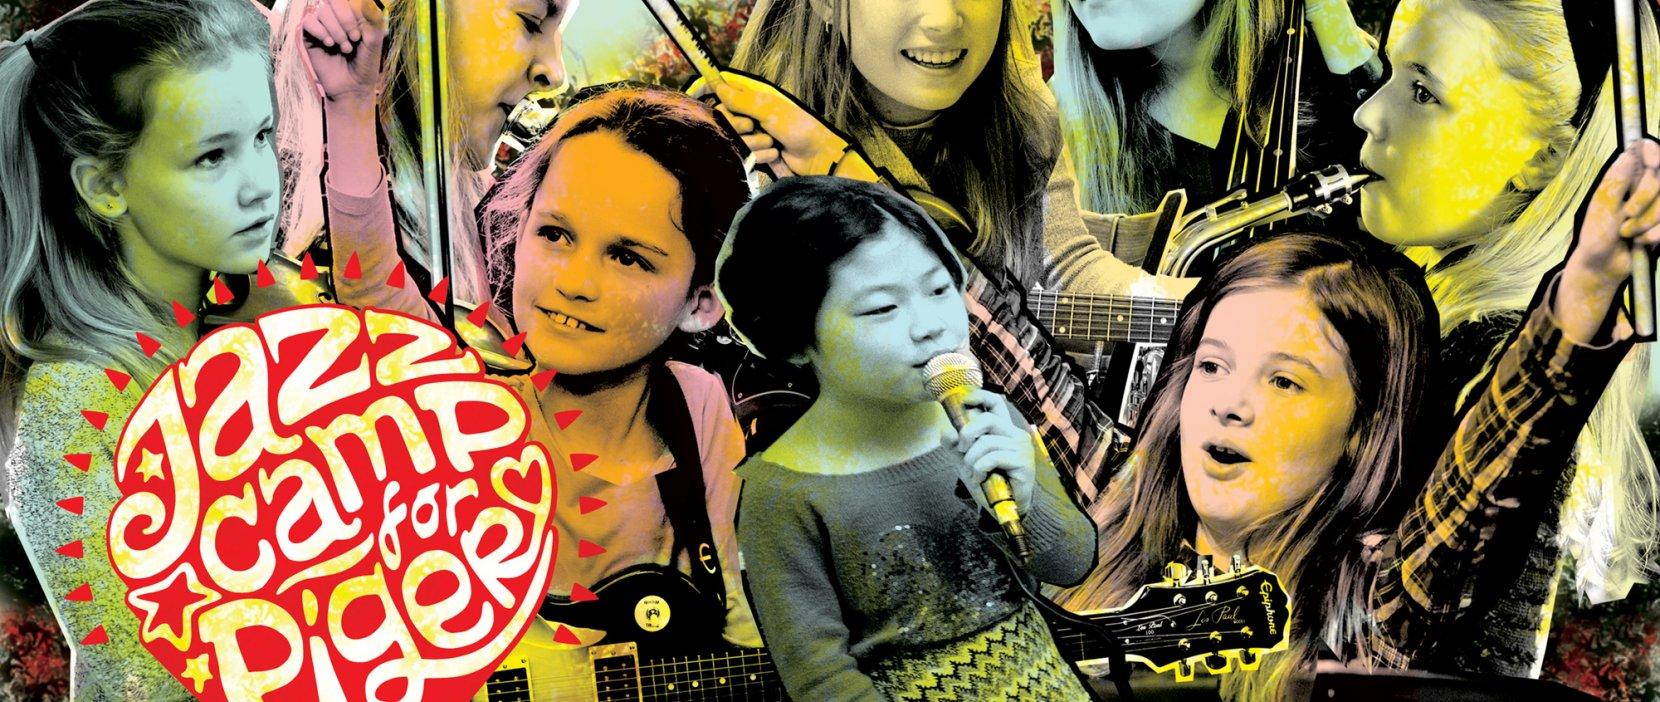 fotocollage af jazzcamp for piger